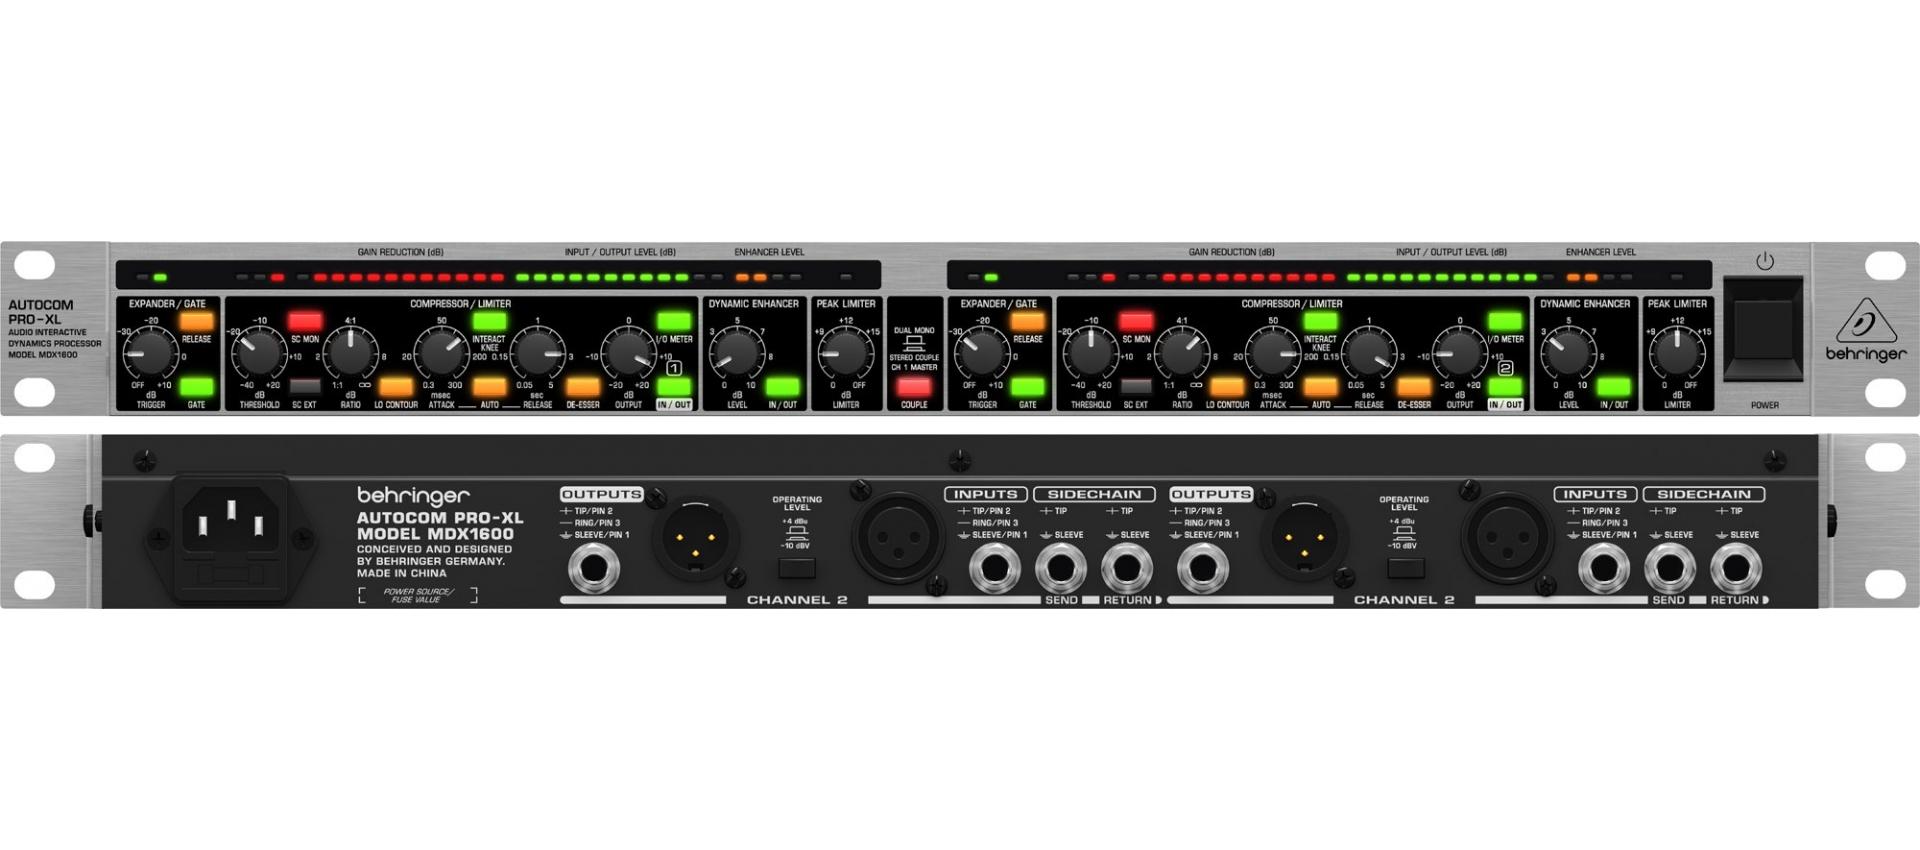 behringer autocom pro xl mdx1600 manual